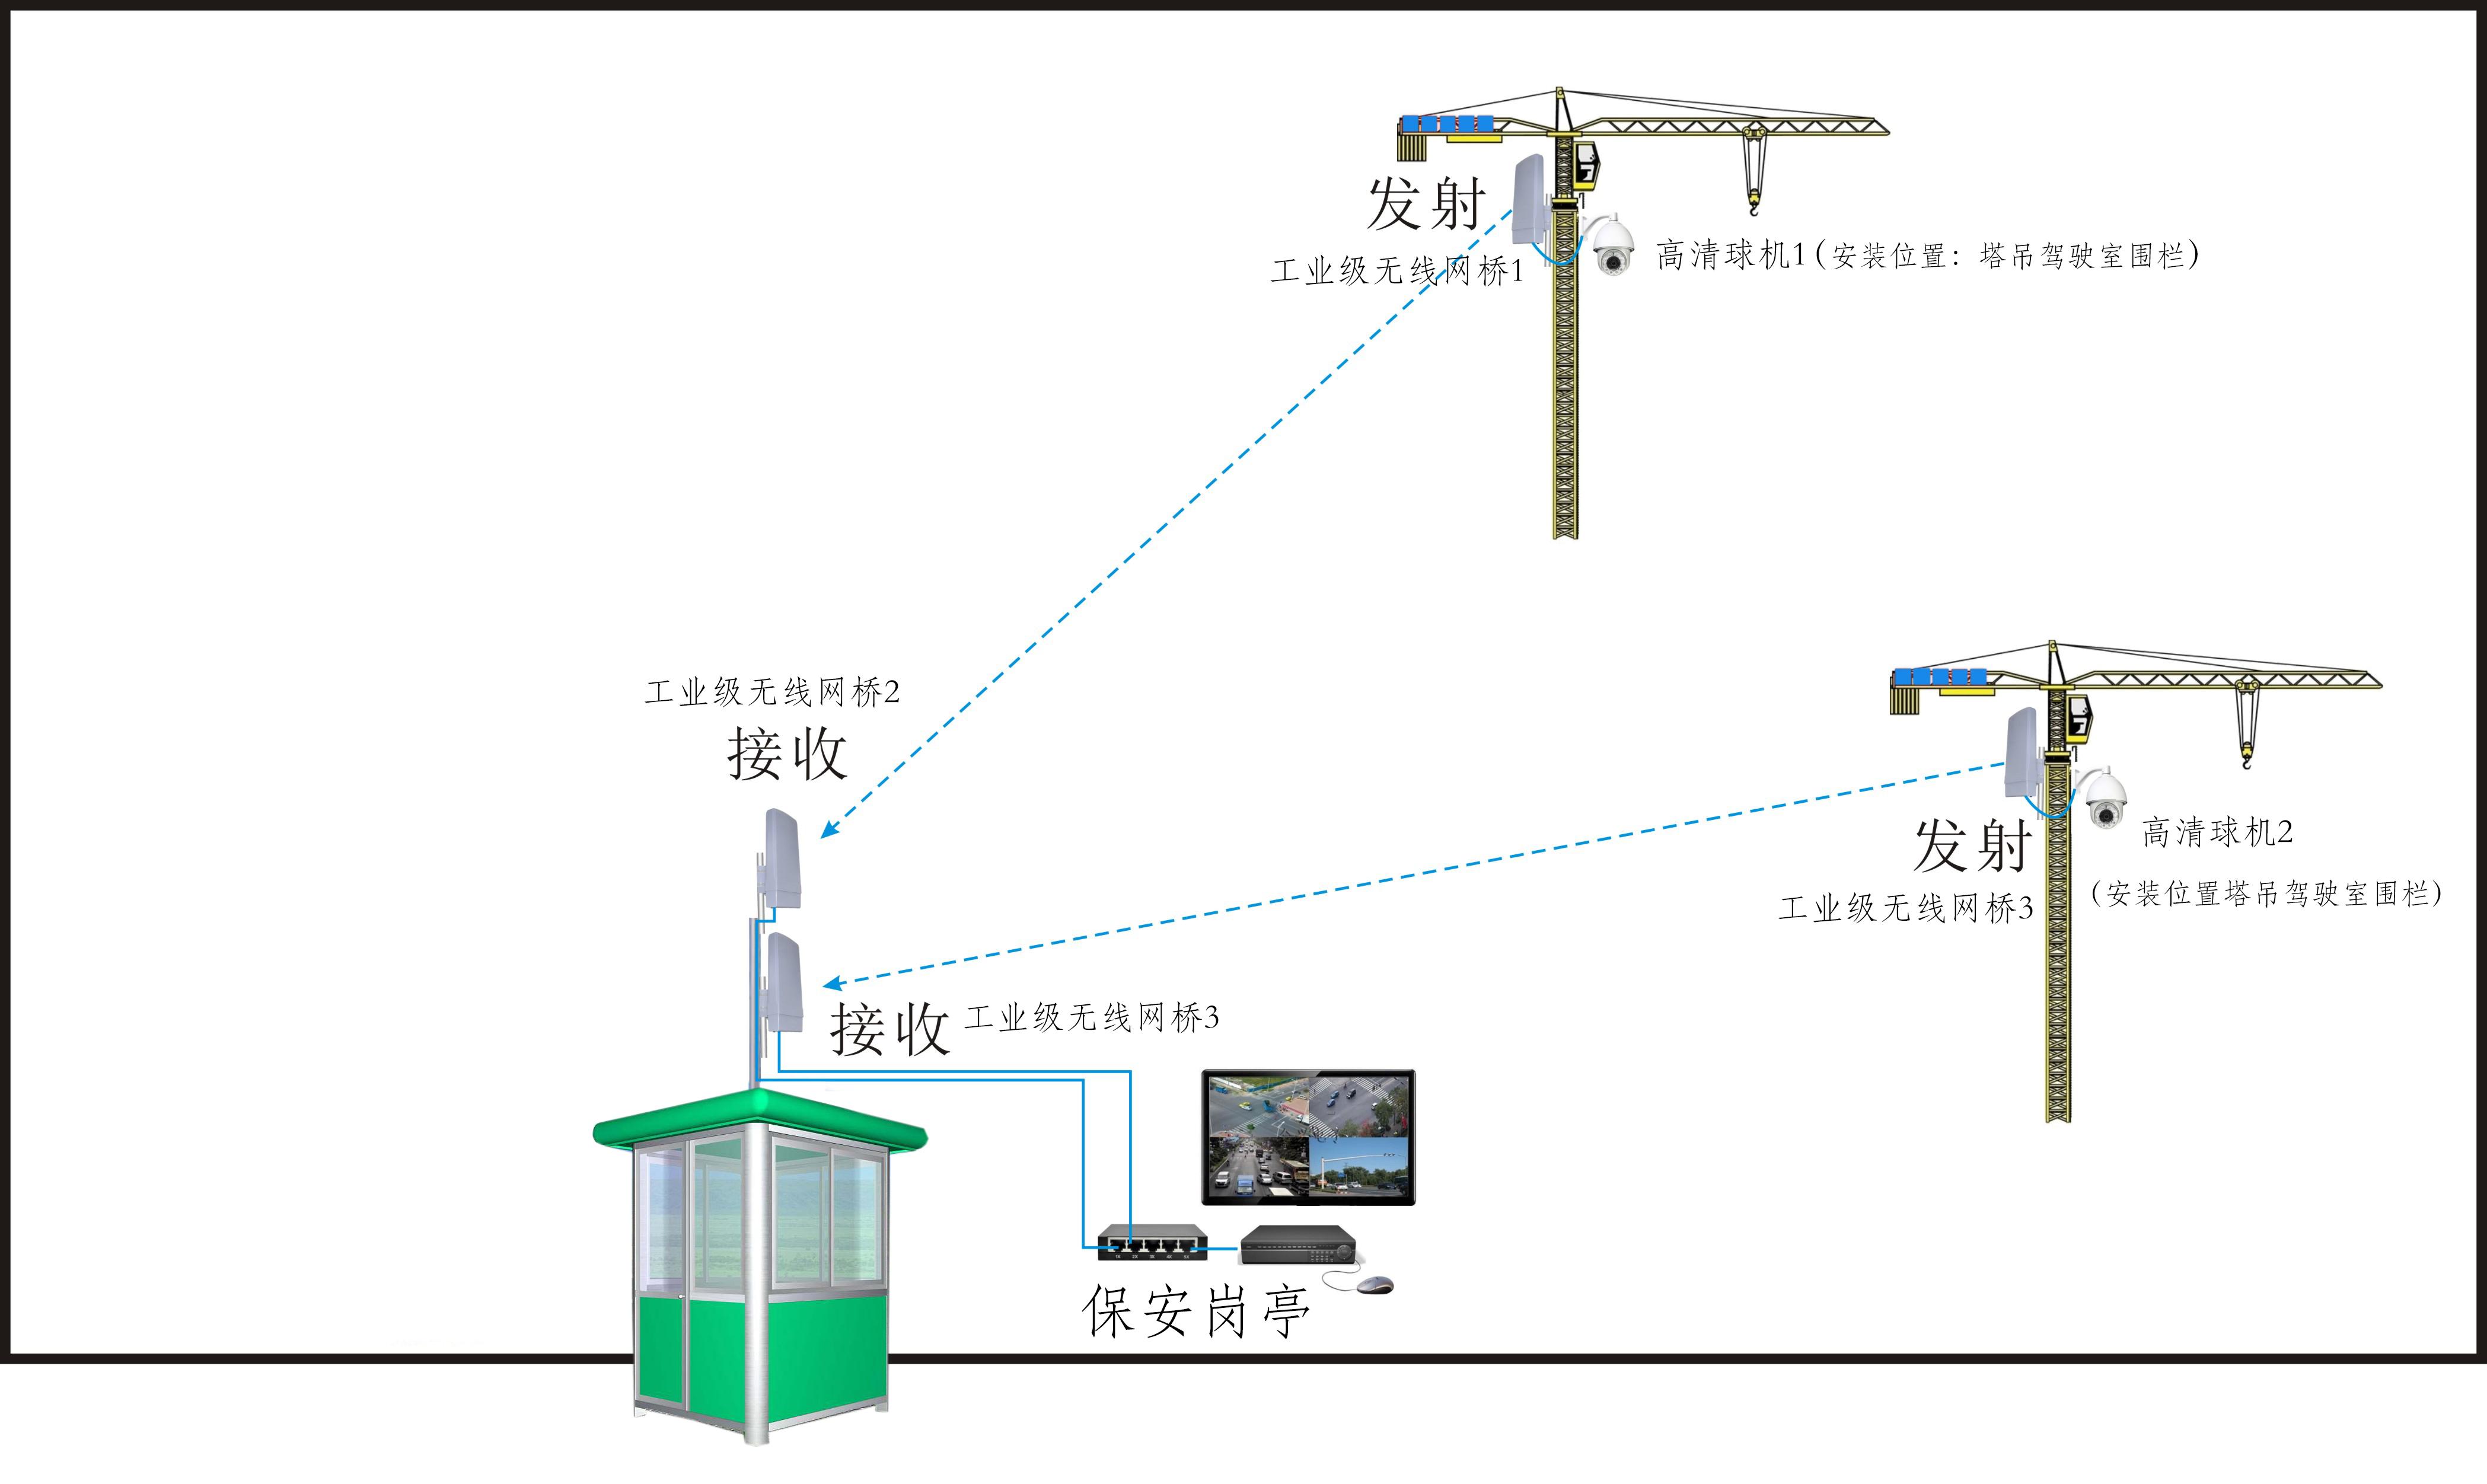 江西国贸天峯工地塔吊无线网桥视频监控